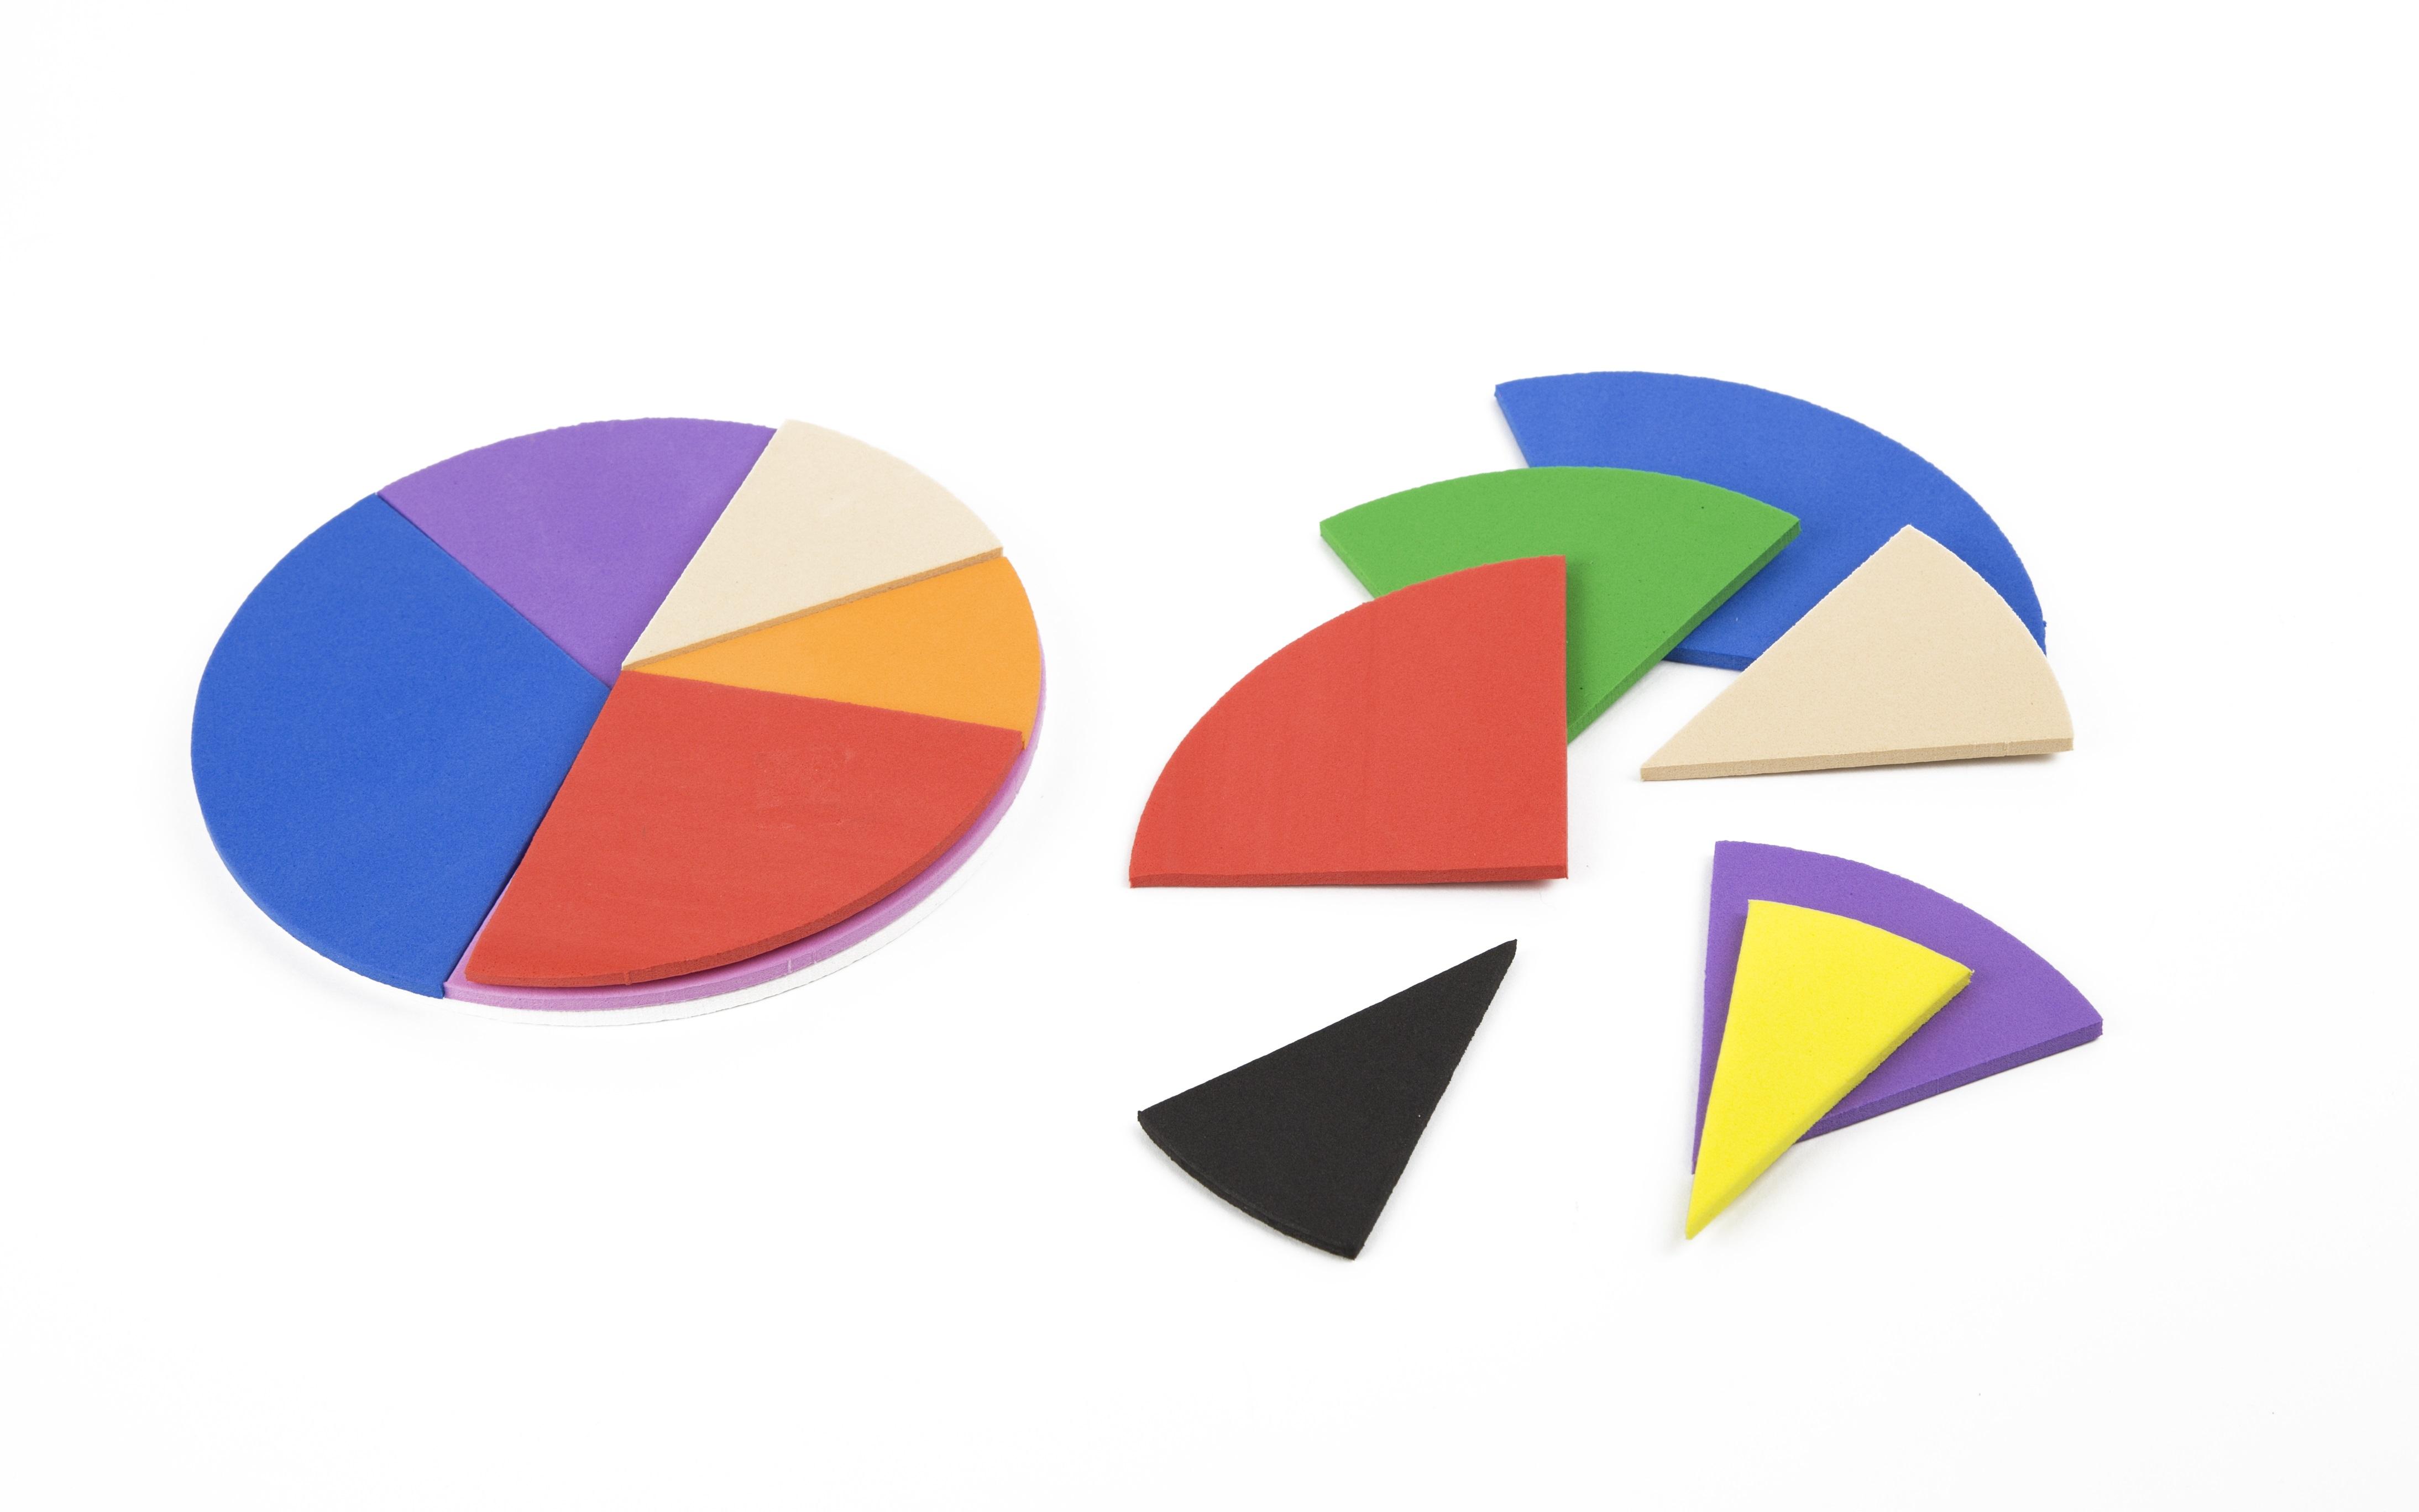 Frações Circulares ou disco de Frações